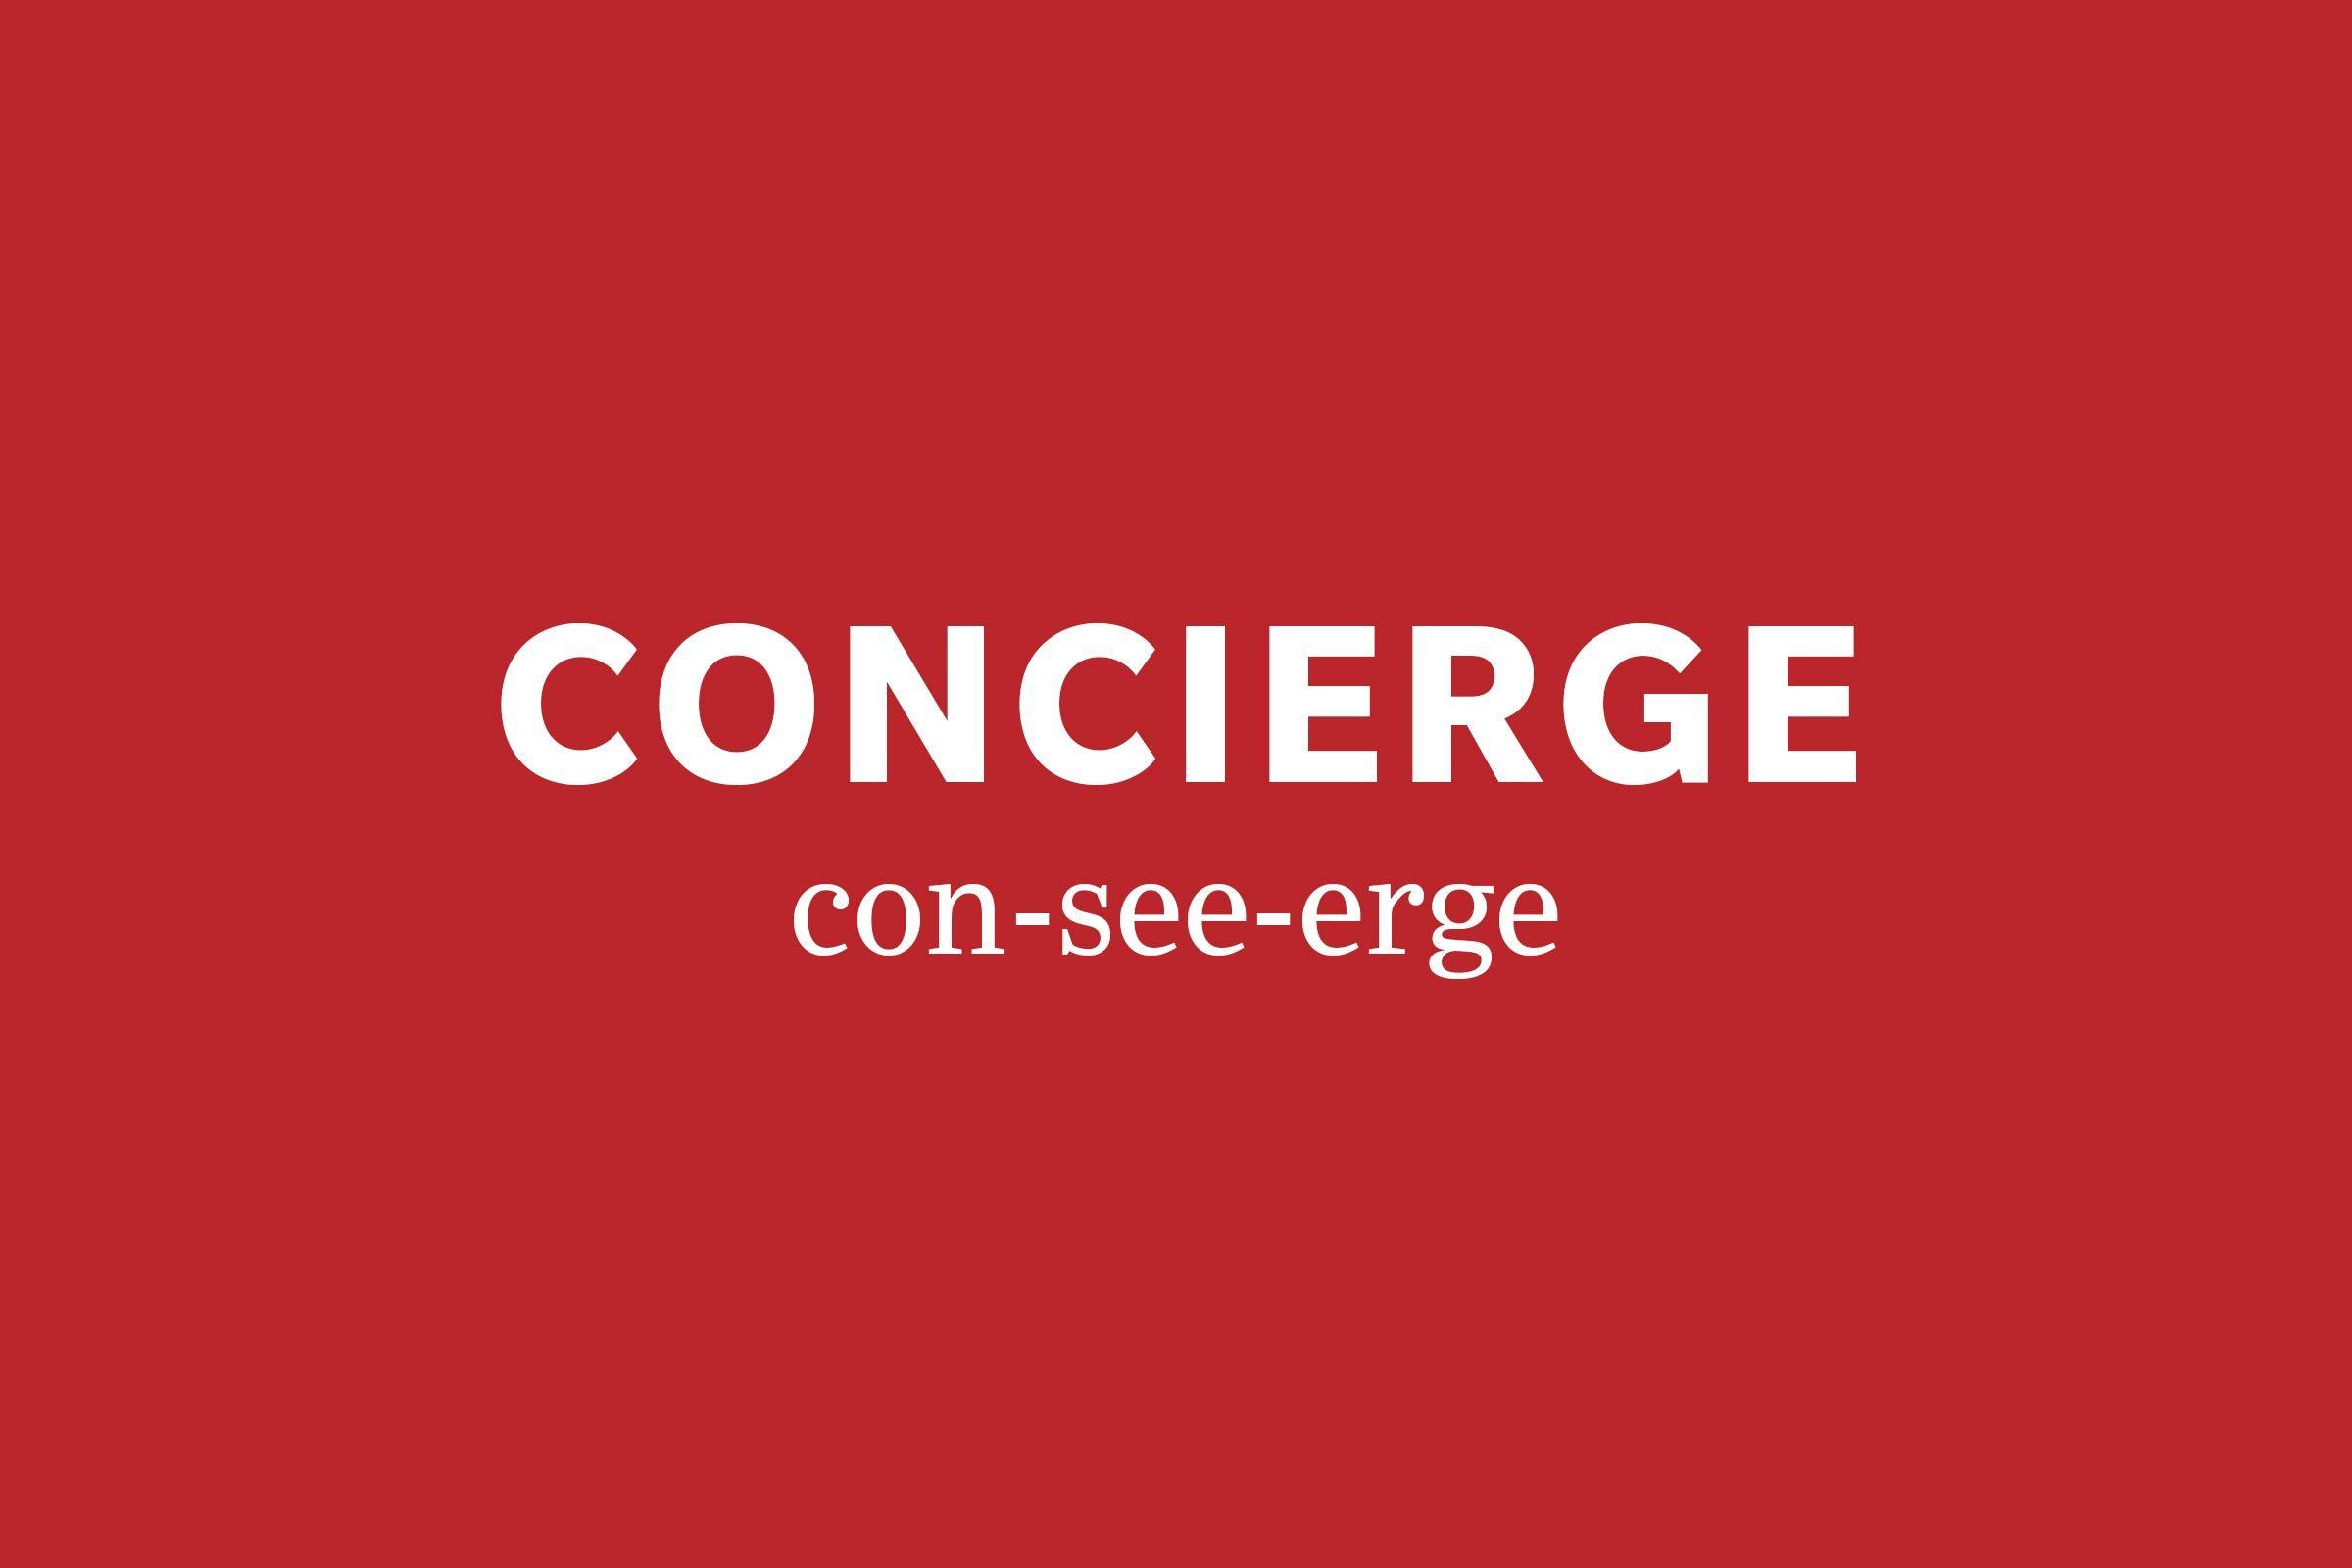 concierge pronunciation